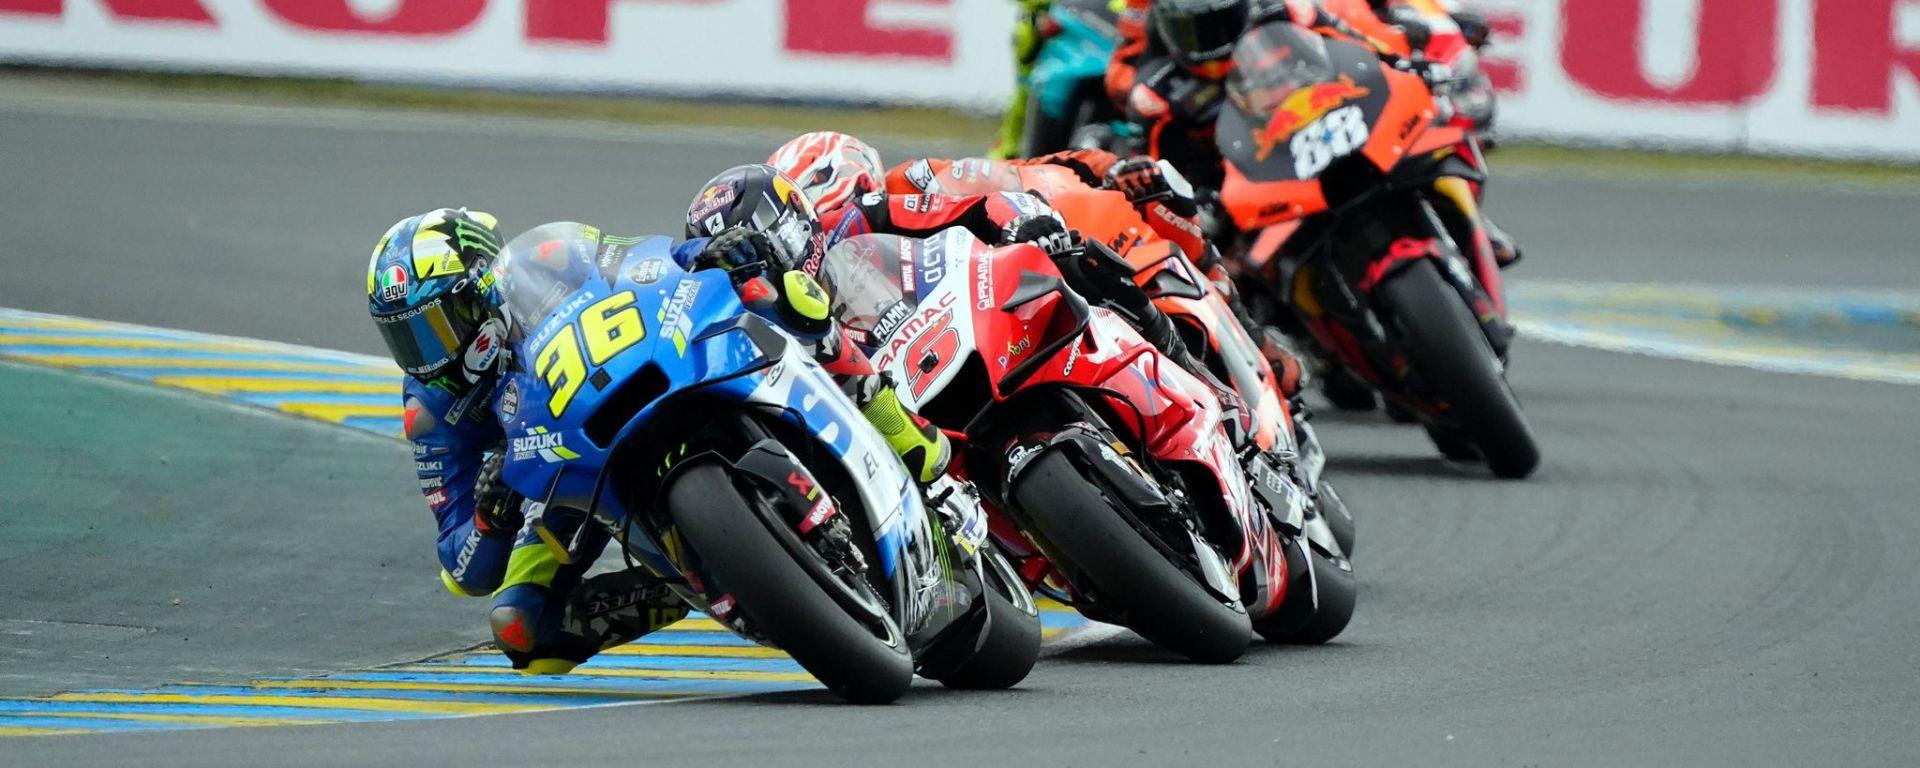 MotoGP, GP Francia 2021: Joan Mir nelle prime fasi di gara